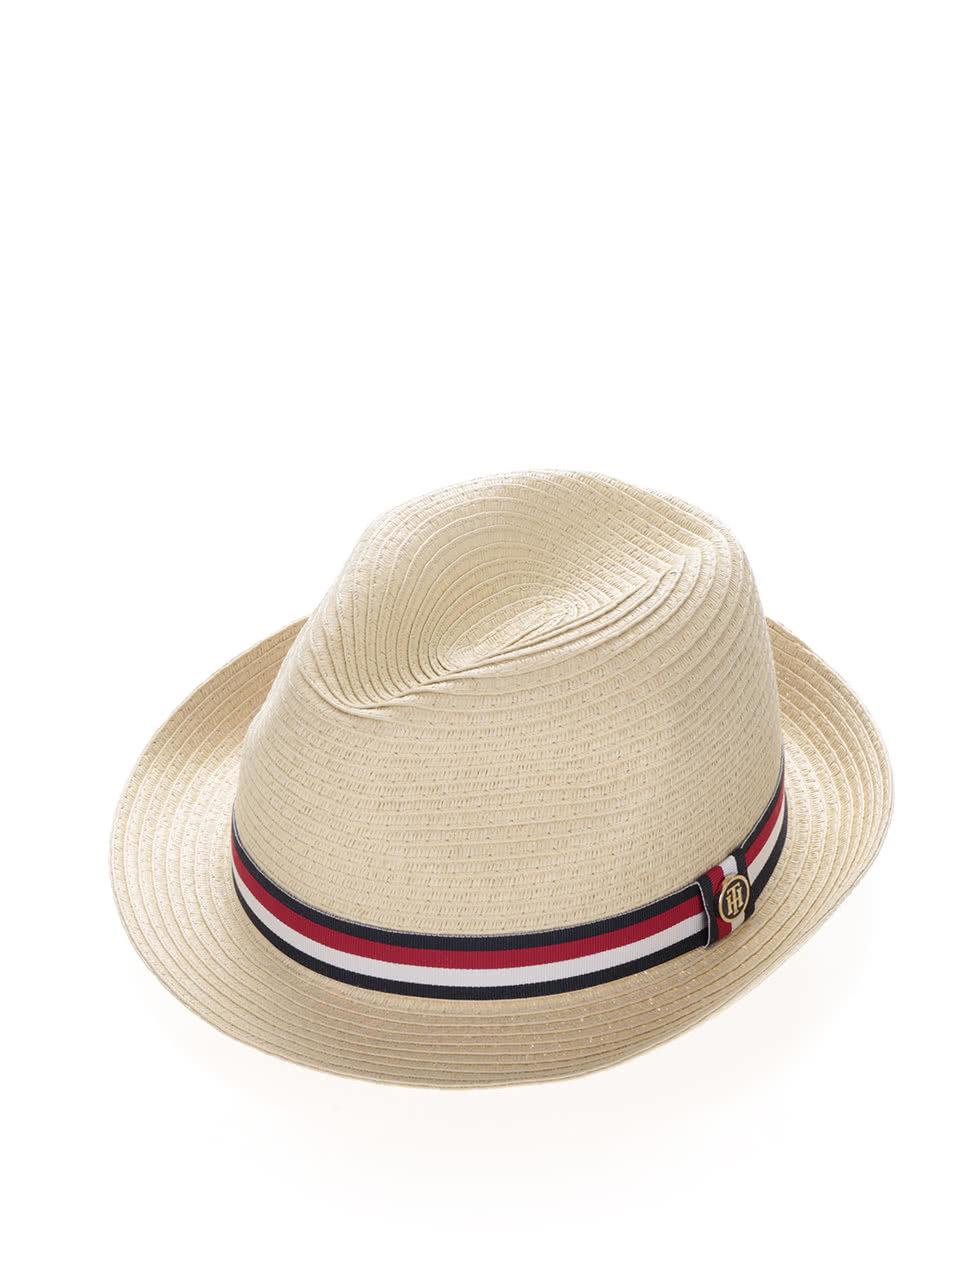 5b780479b Béžový dámsky klobúk Tommy Hilfiger | ZOOT.sk